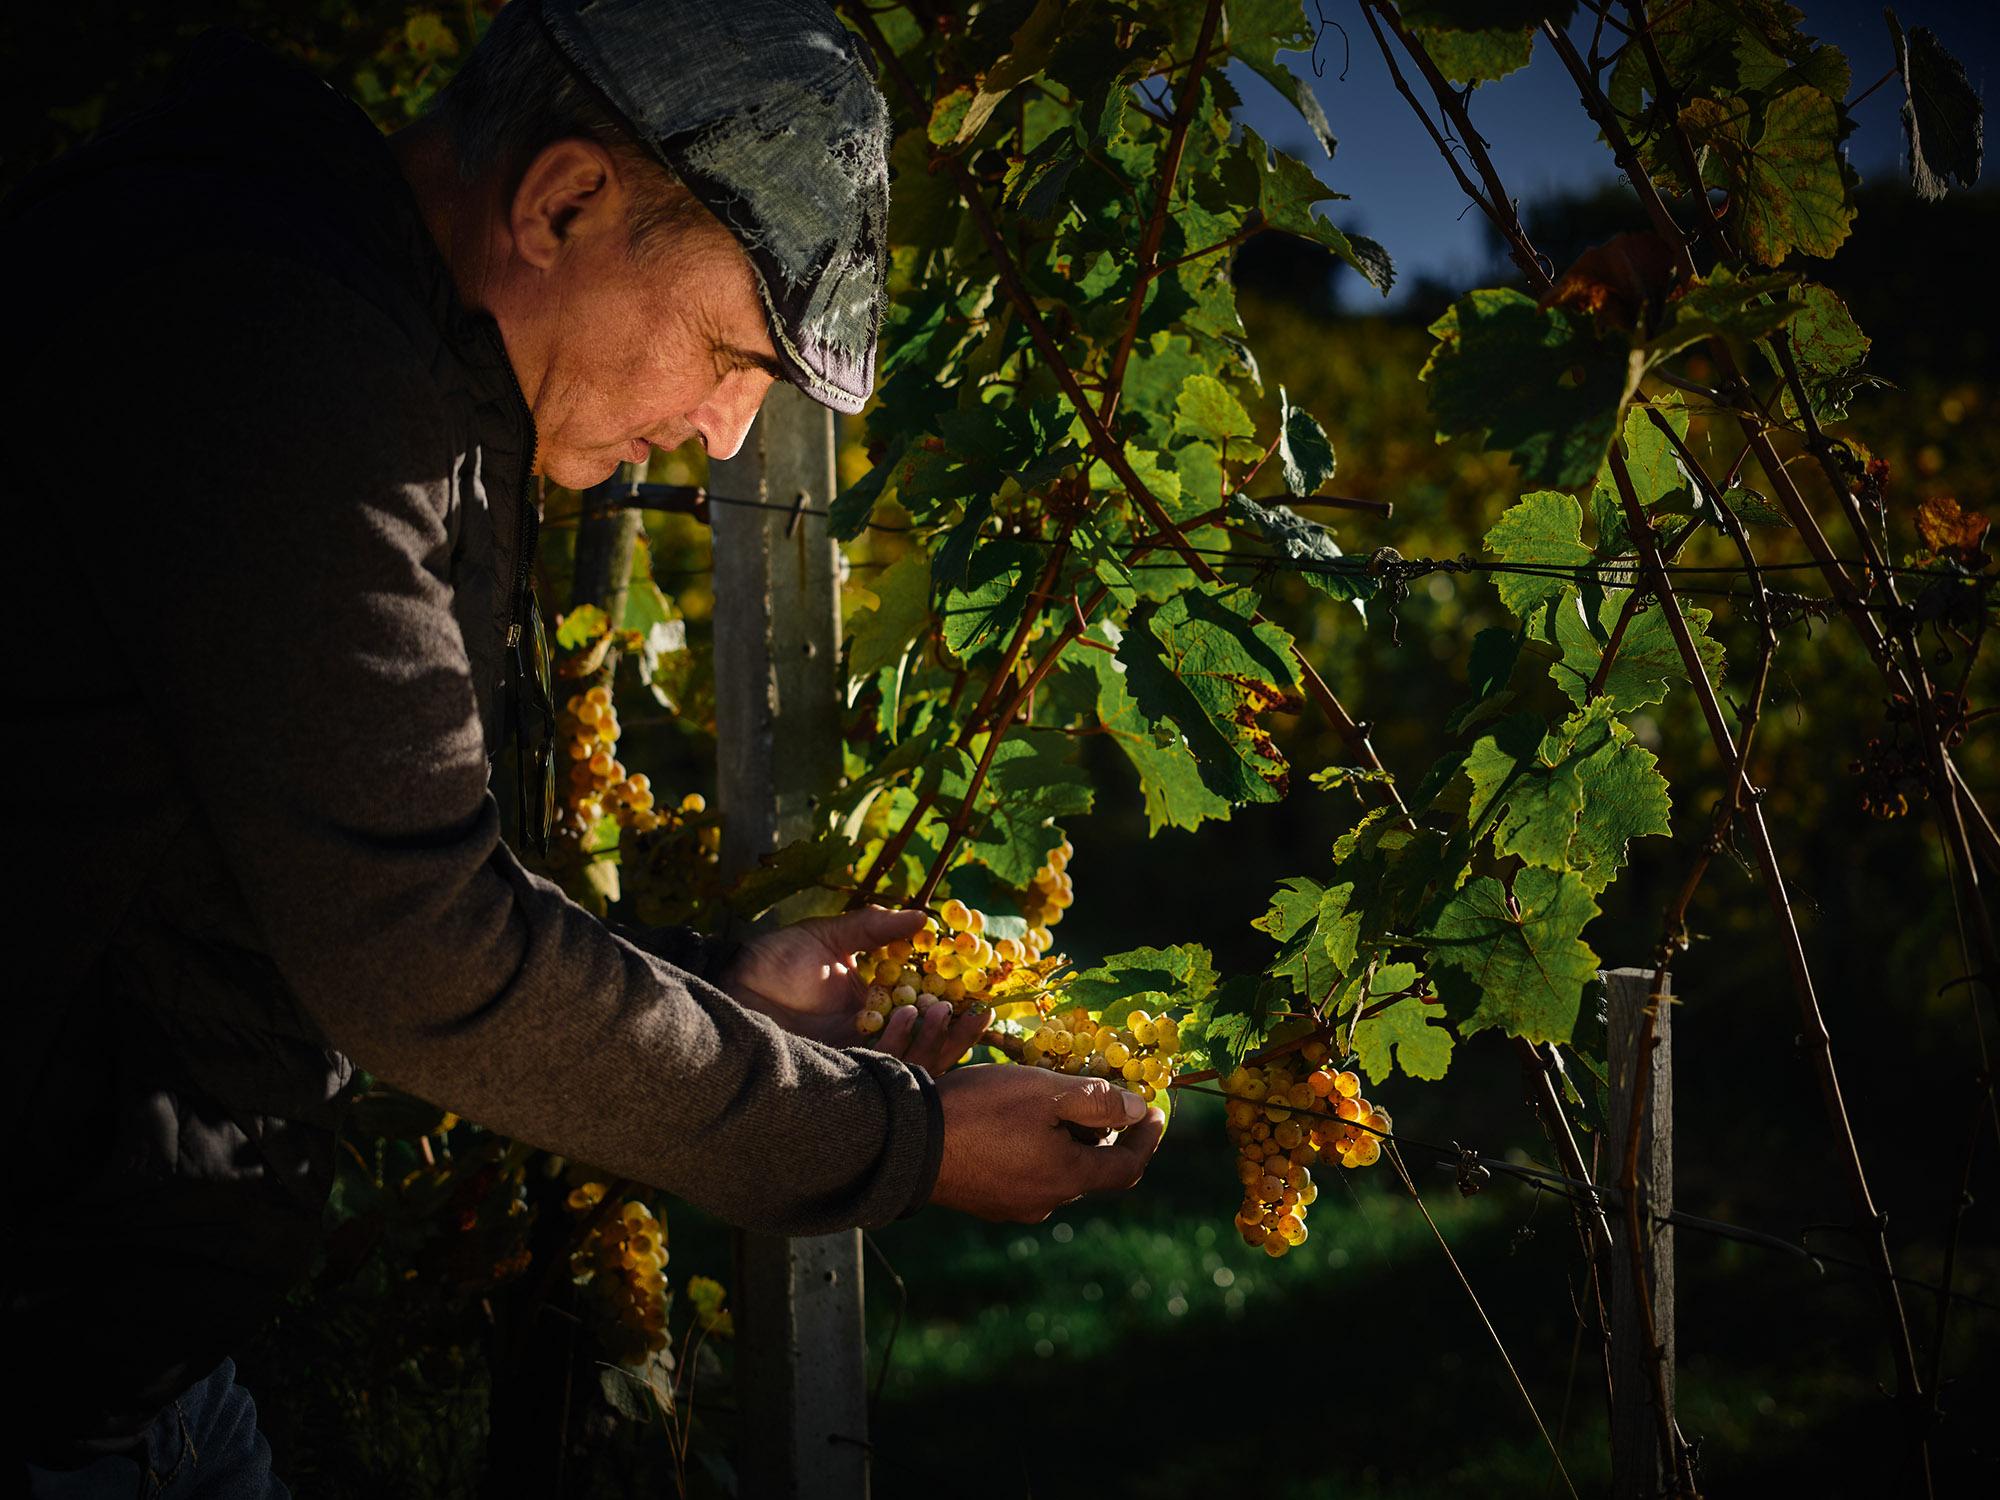 obiranje grozdja